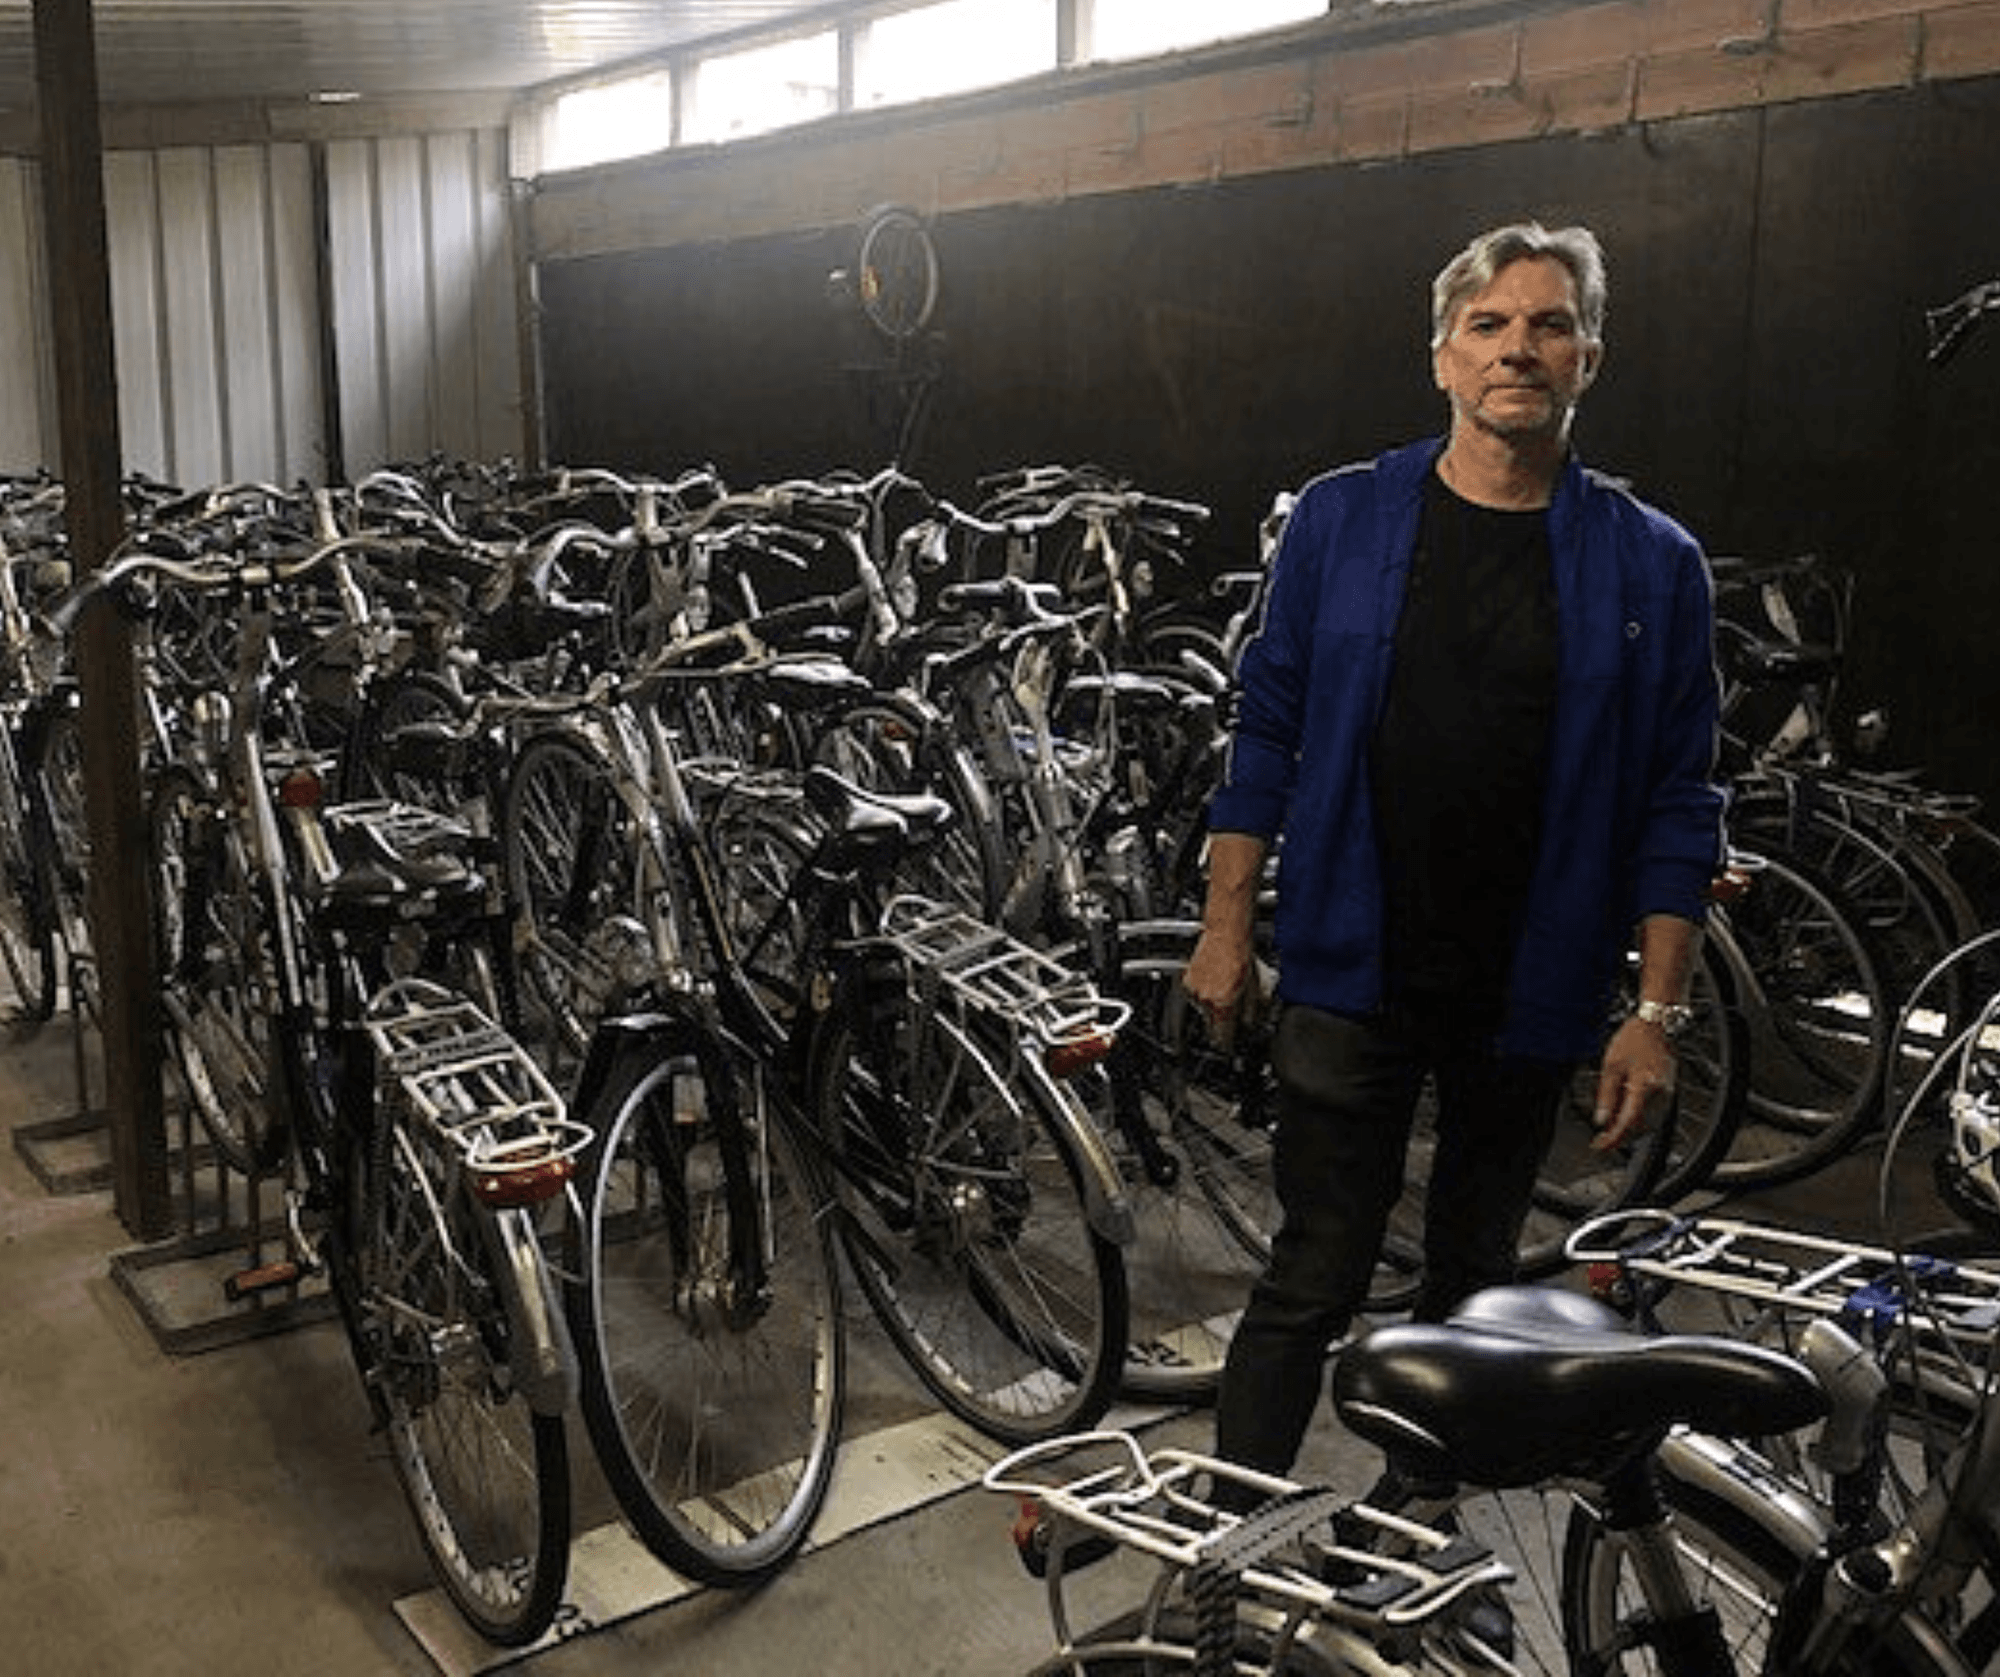 Wijk-werken op woensdag: Jan uit Bornem onderhoudt (jouw?) huurfiets